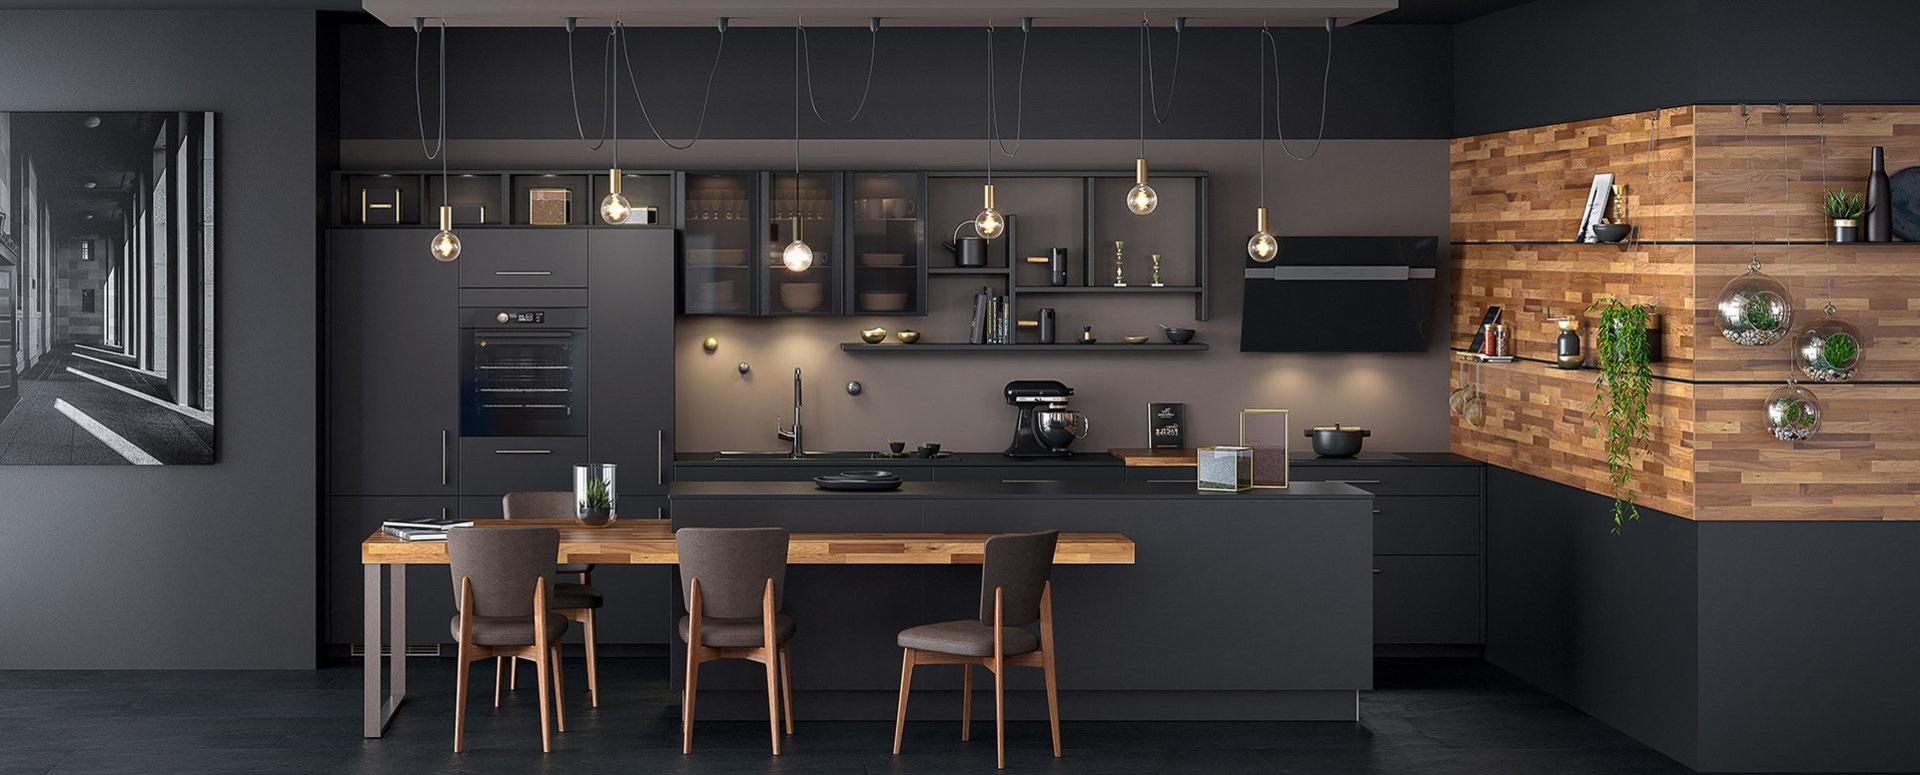 Cuisine Noir Mat Et Bois Exotique Ambiance Black